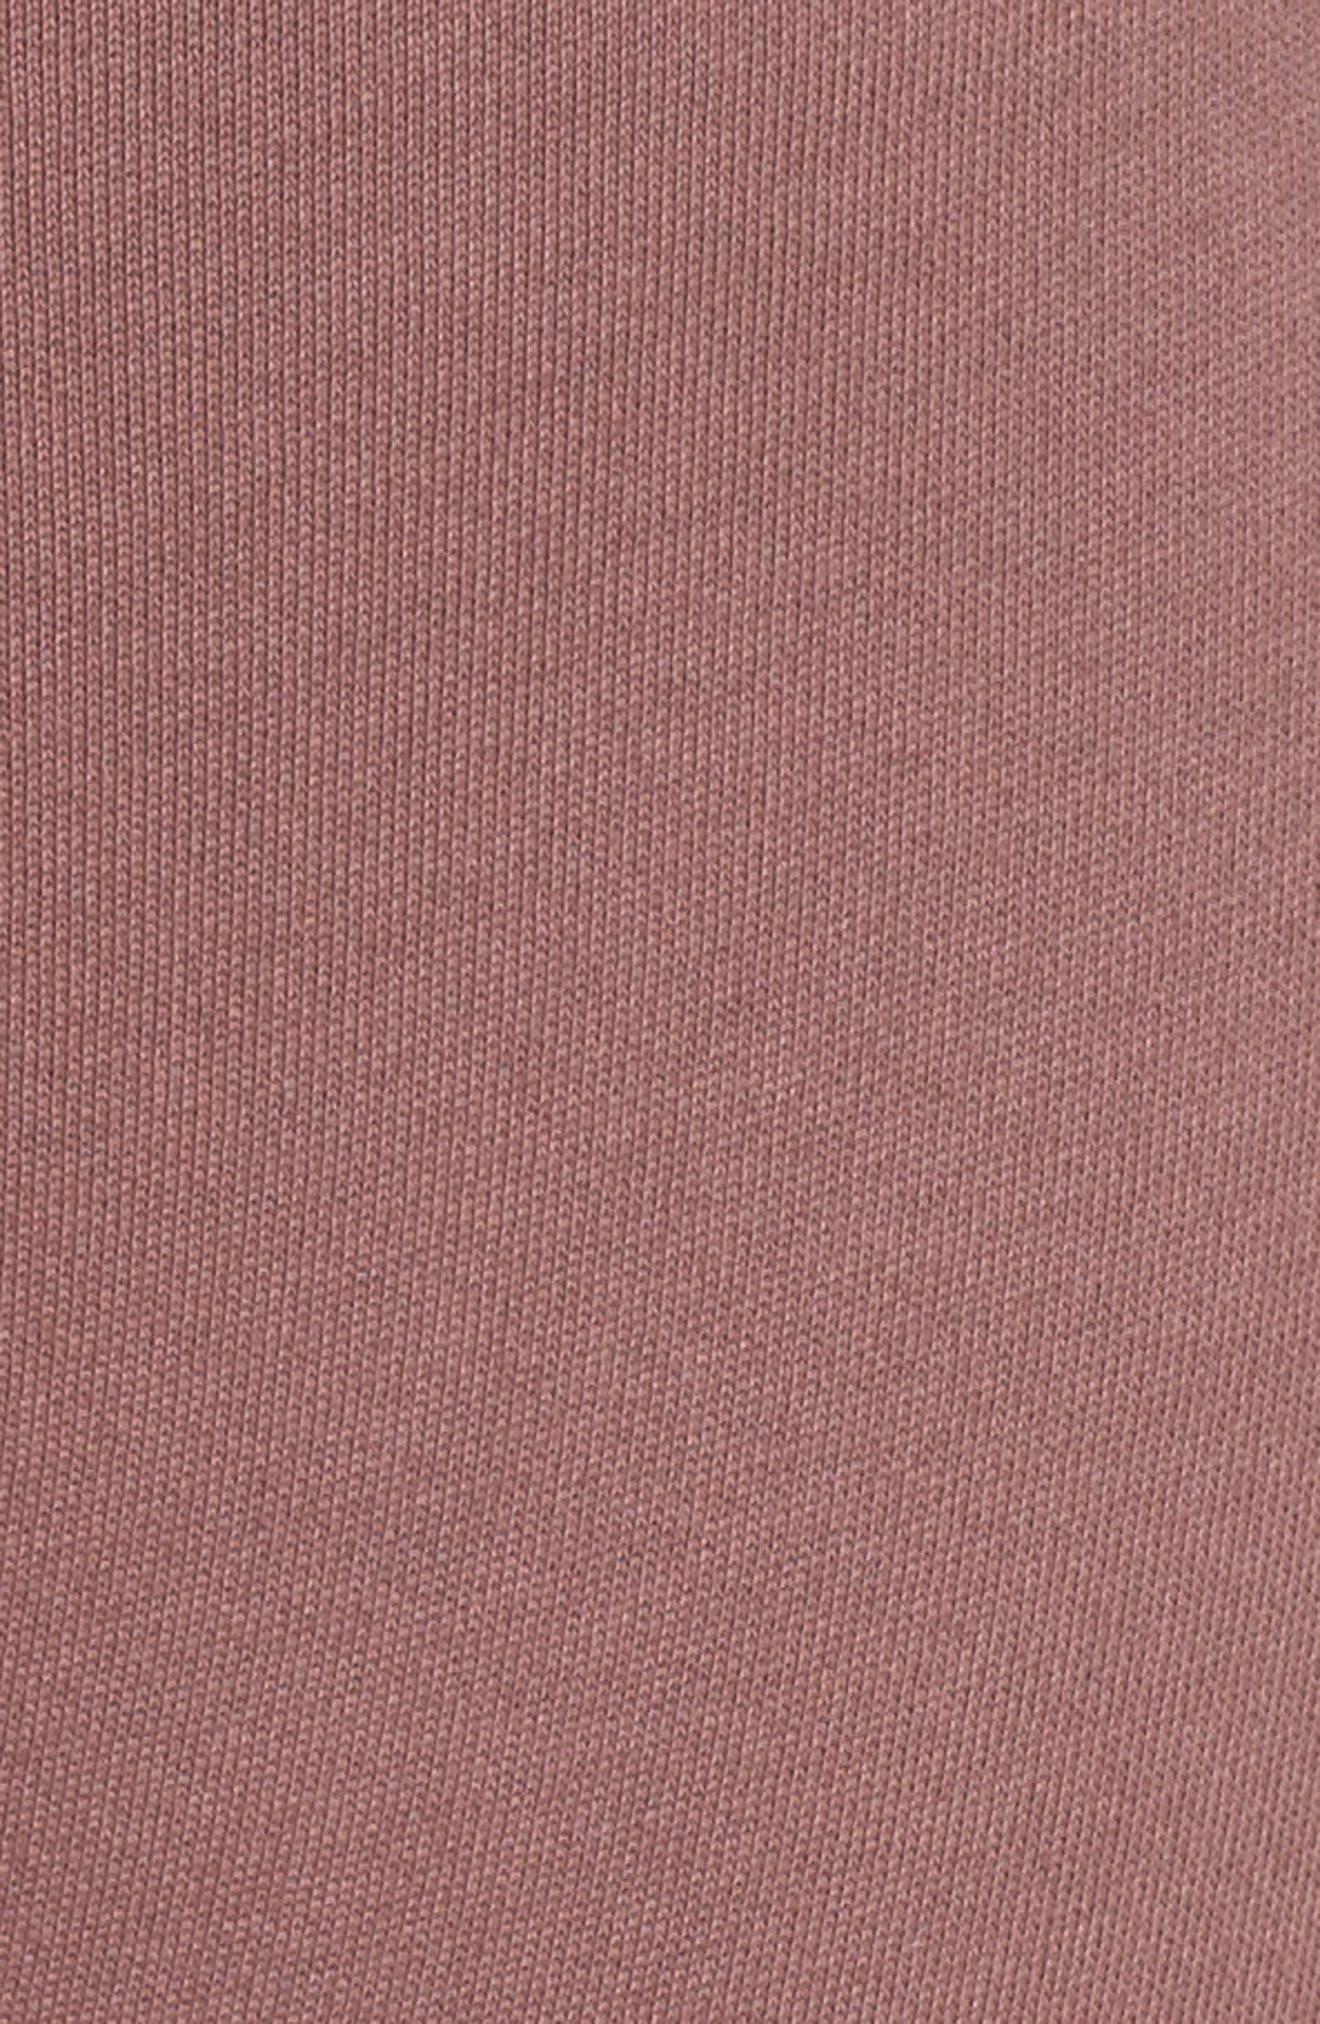 Lace Up Lounge Pants,                             Alternate thumbnail 6, color,                             Deep Mauve